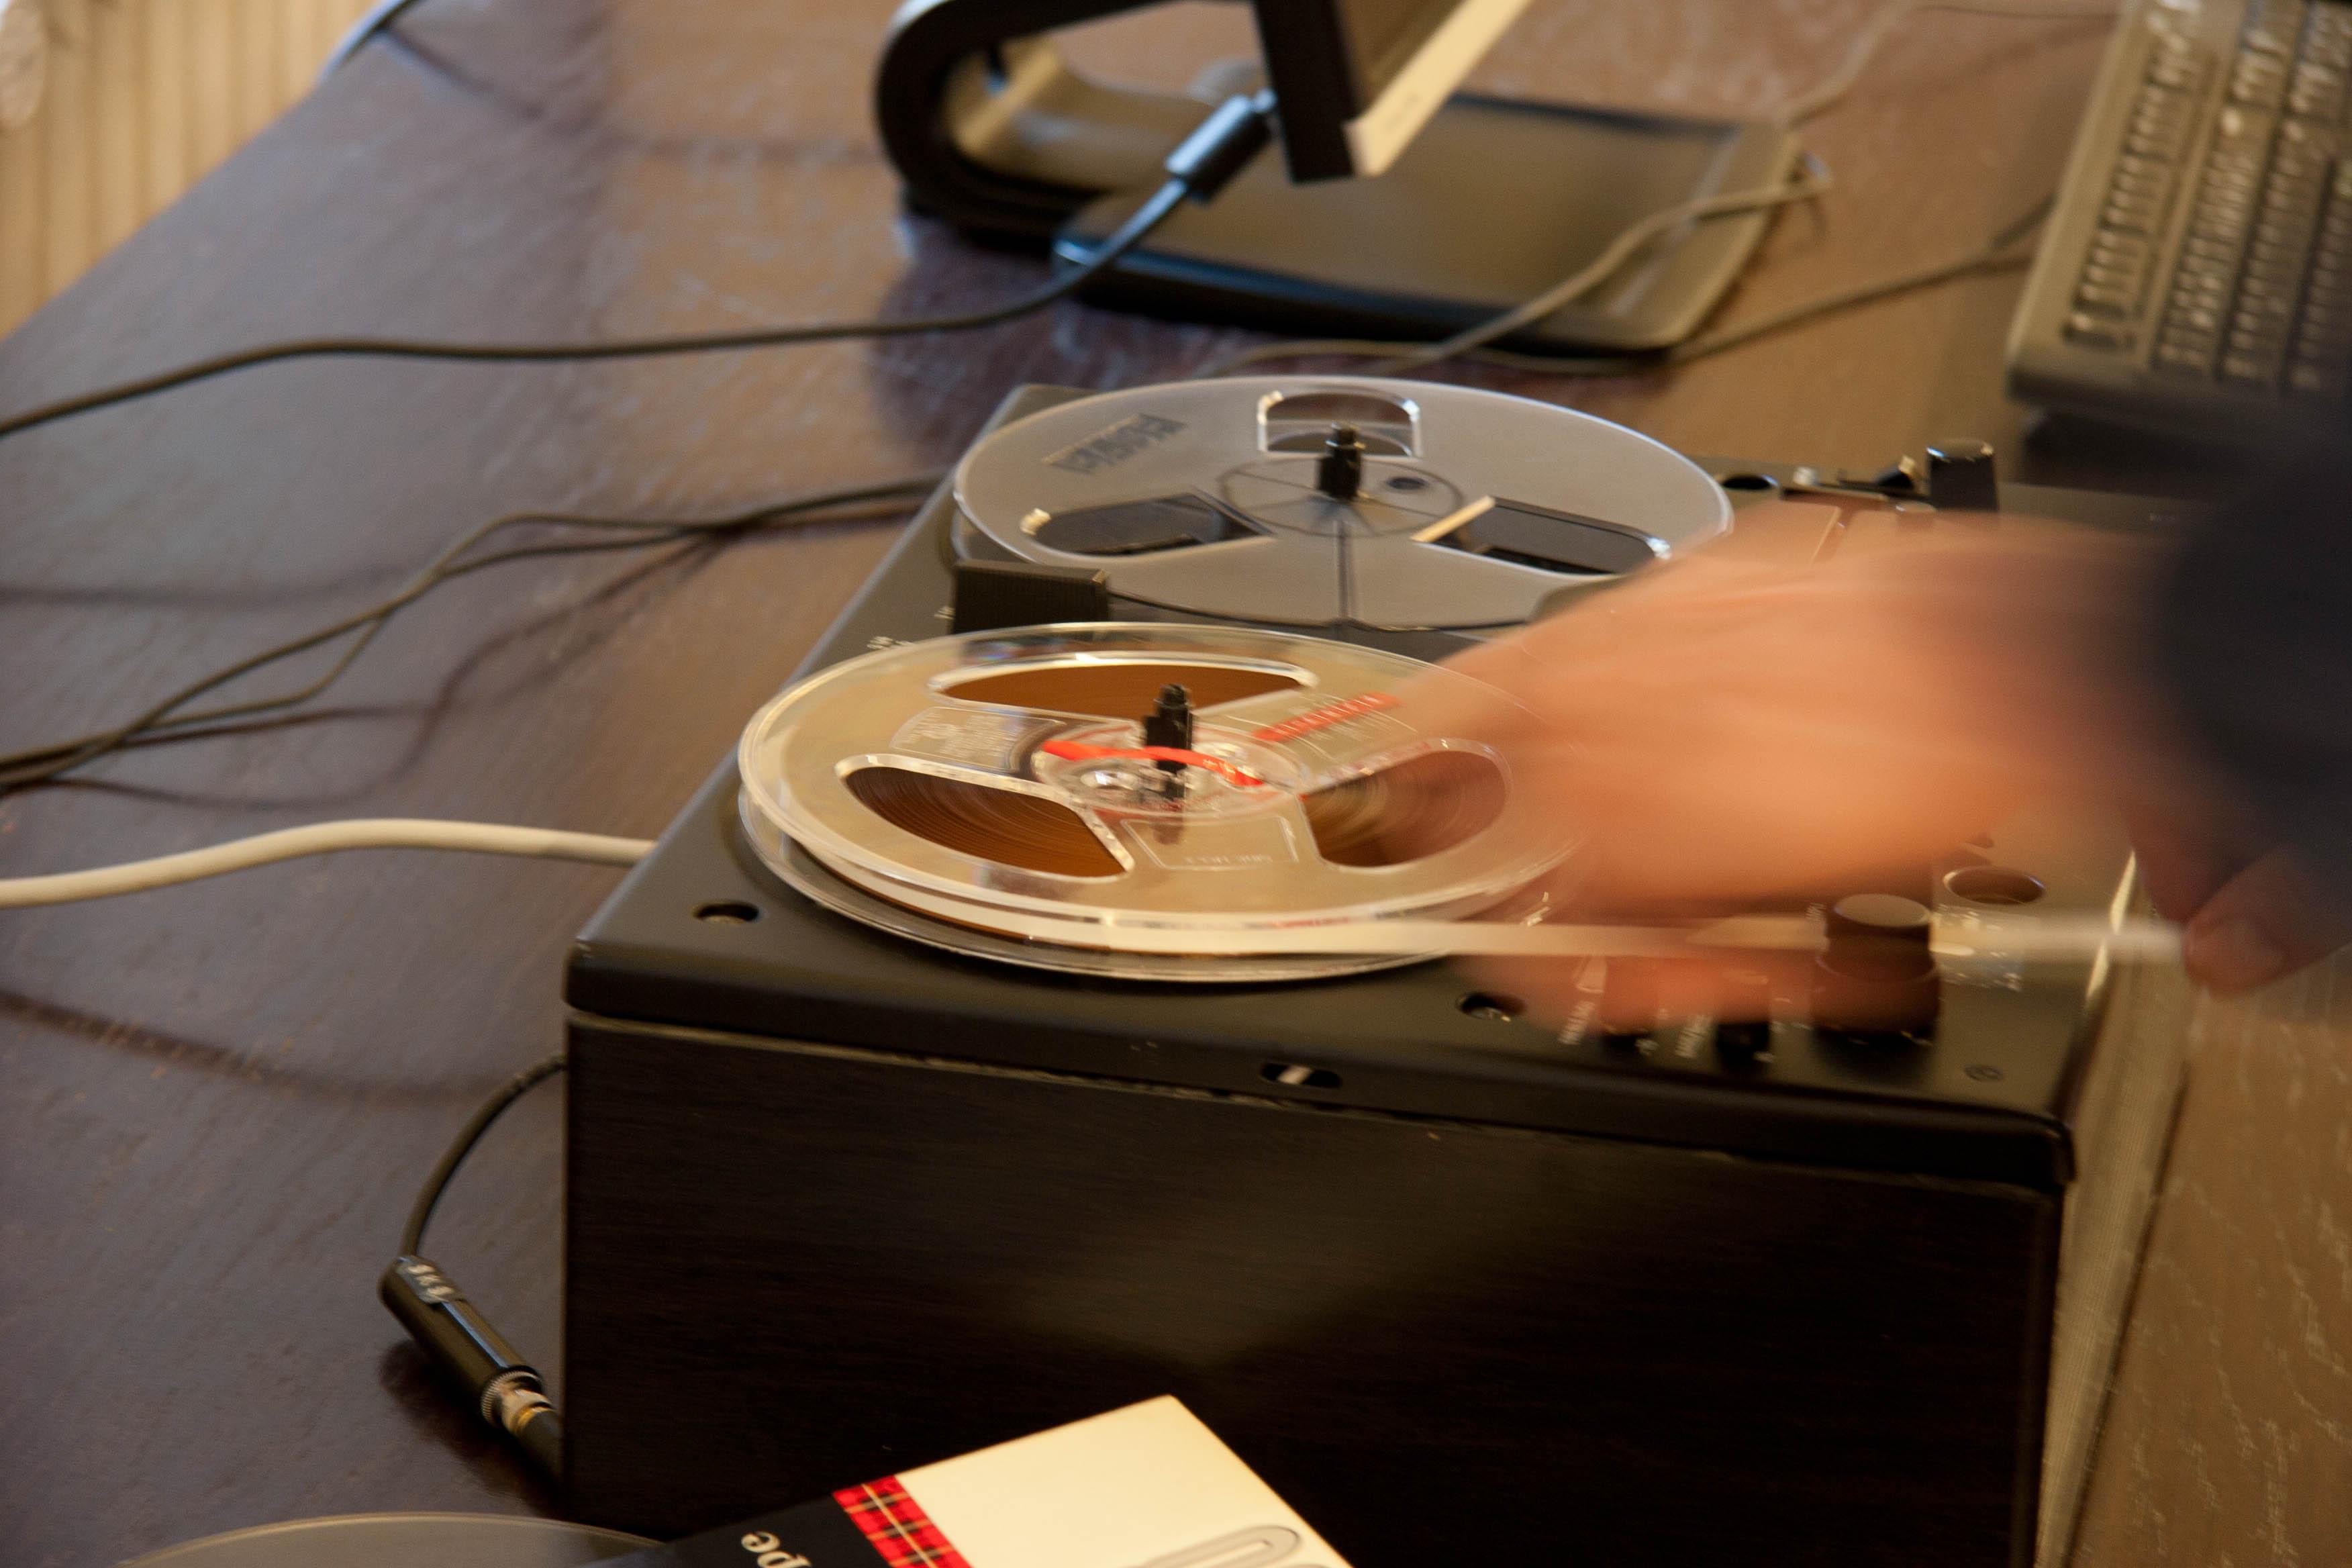 Arkistojen mielenkiintoisia ääniteaineistoja voit kuunnella nauhurilla ja digitaalisia äänitteitä tietokoneella. SKS KIA. Kuvaaja: Milla Eräsaari.